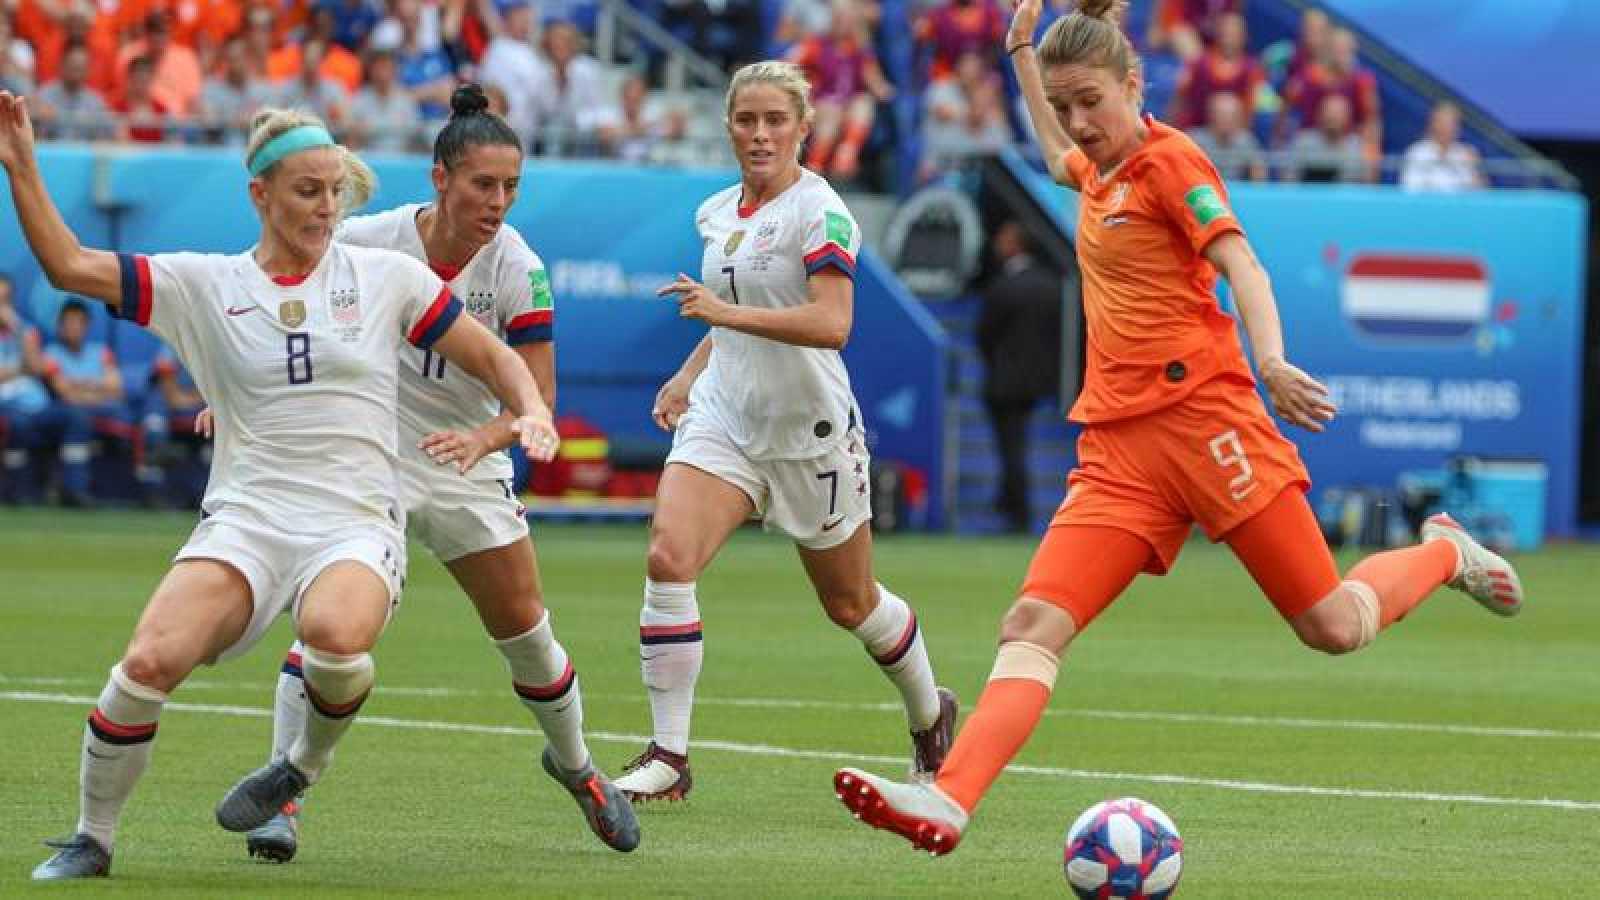 Imagen de la final del Mundial femenino entre Estados Unidos y Holanda en 2019.